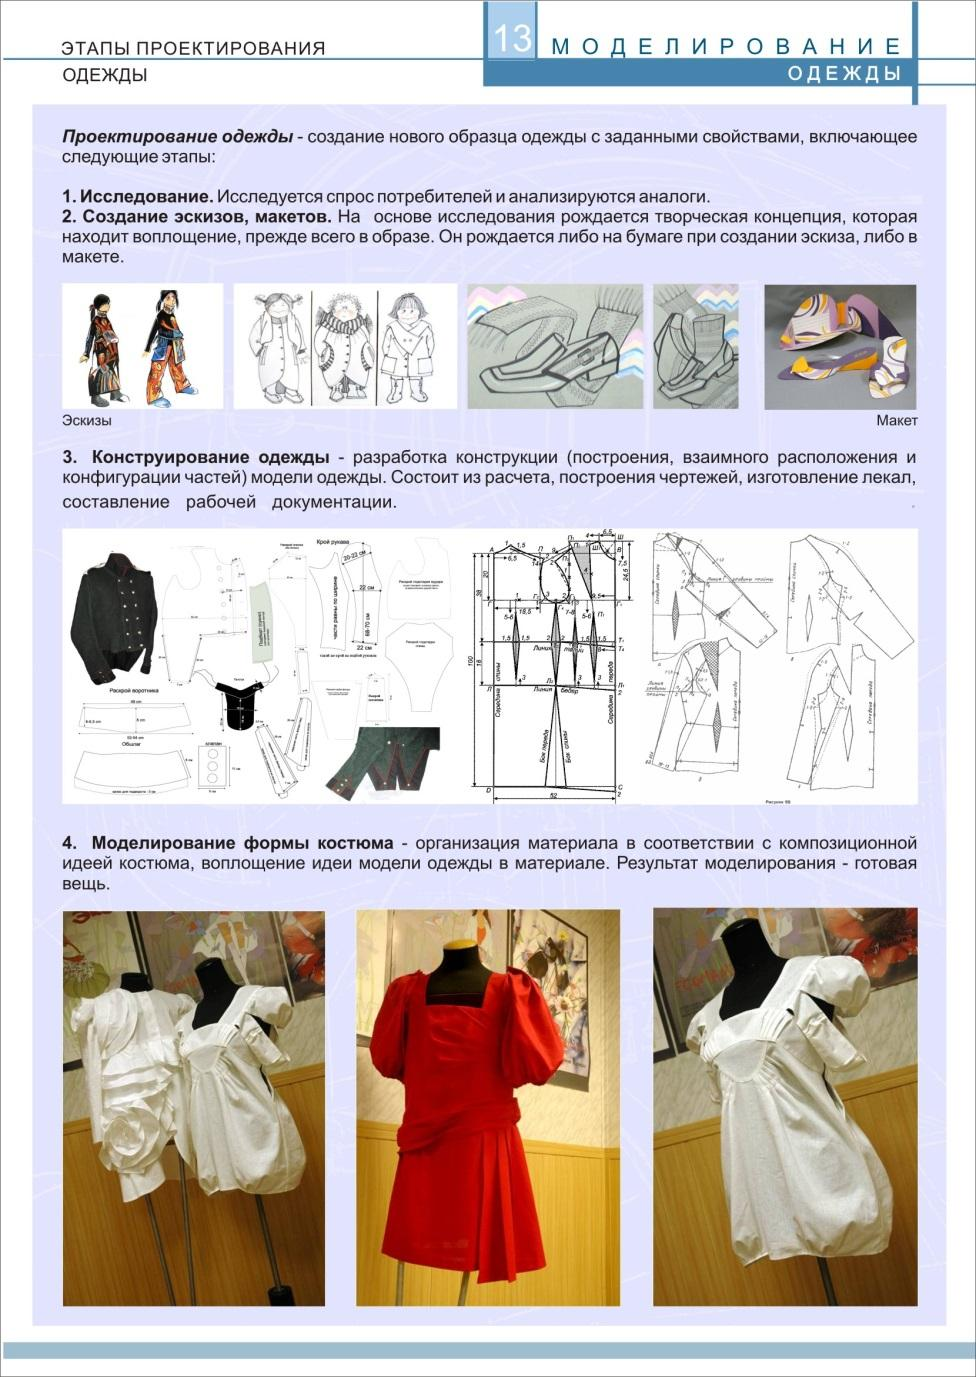 Классификация одежды и её проектирование моделирование и  20 Классификация одежды и её проектирование моделирование и конструирование художественное оформление одежды разработка аксессуаров одежды